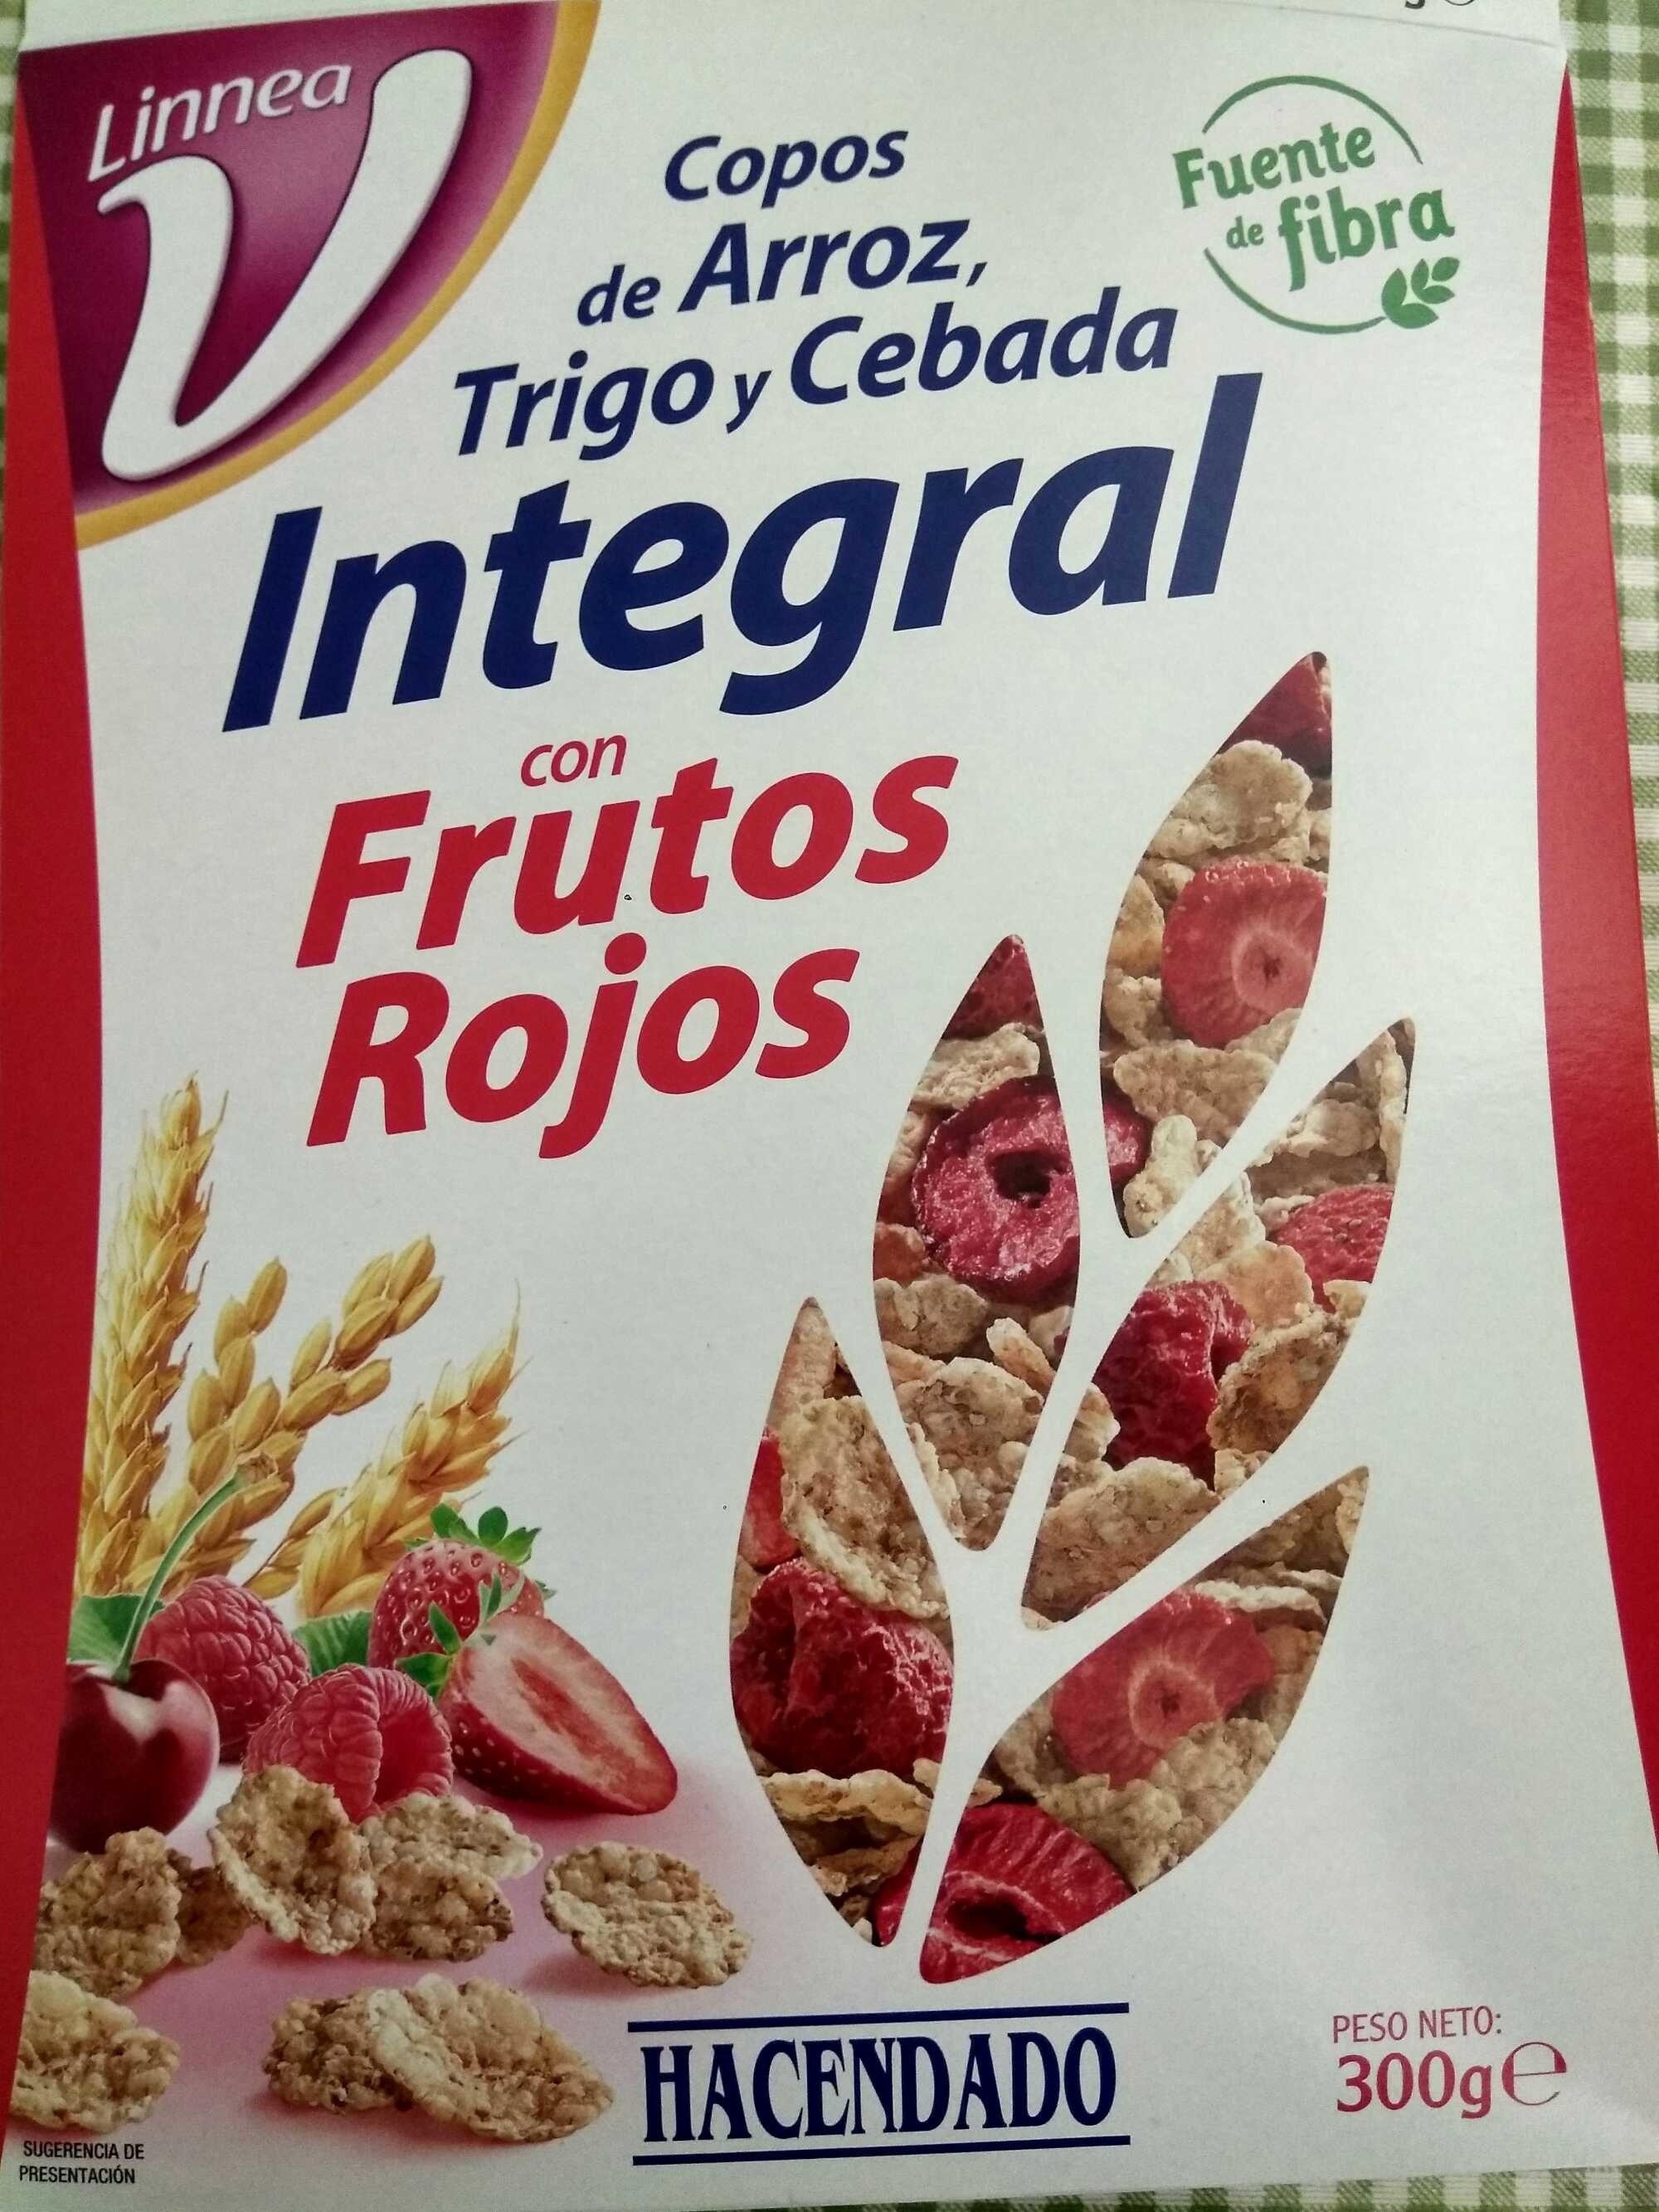 Copos De Arroz Trigo Y Cebada Integral Con Frutos Rojos Hacendado 300 G